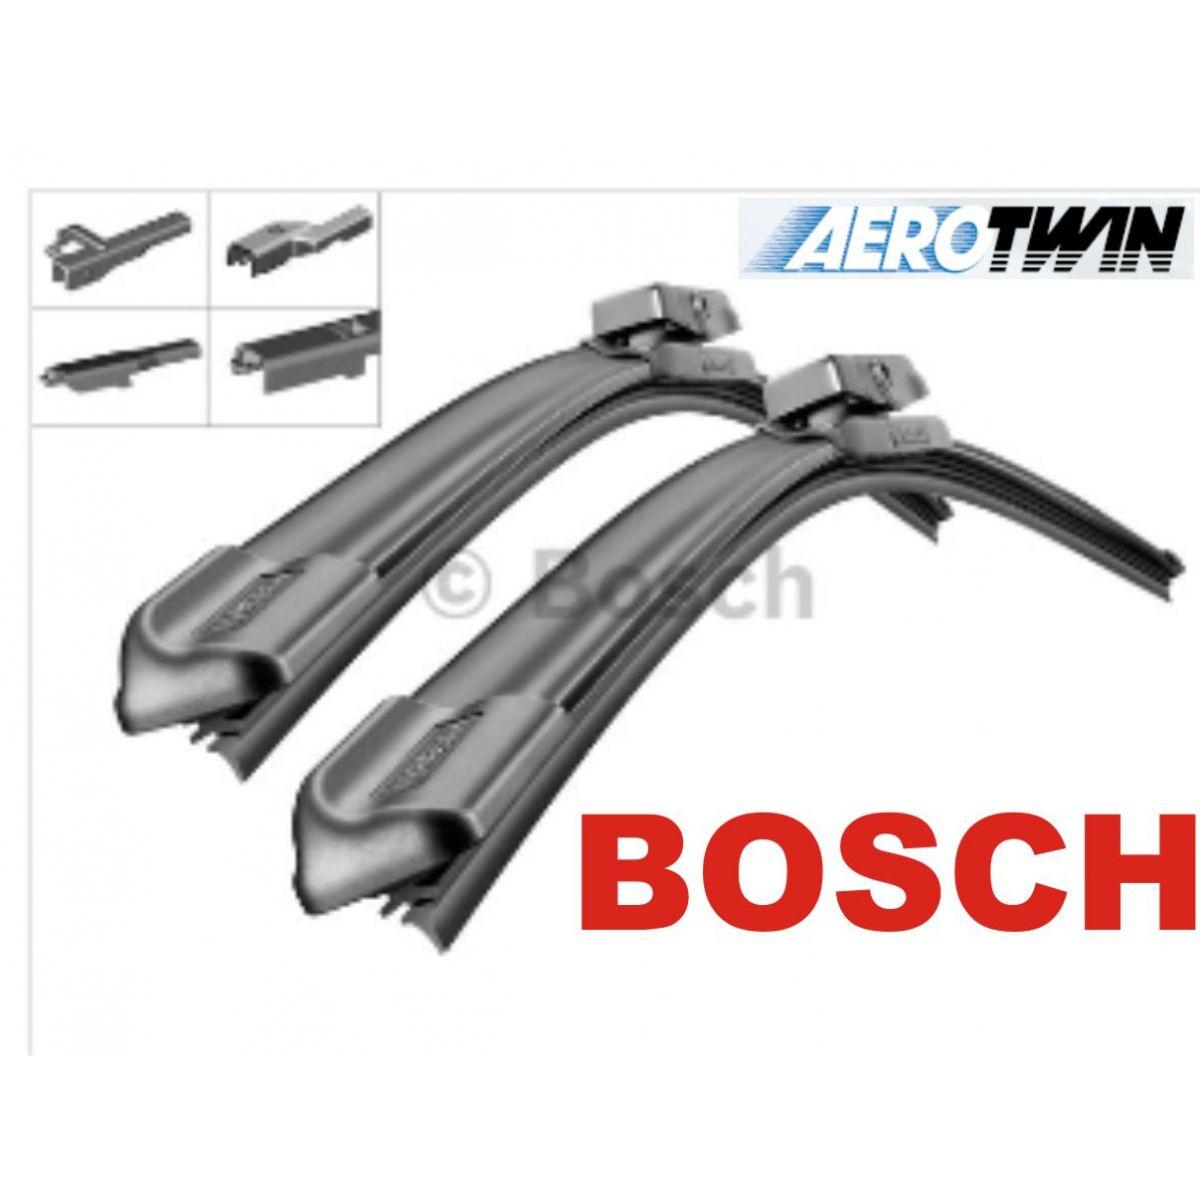 Palheta Bosch Aerotwin Plus Limpador de para brisa Bosch HONDA City 2009 até 2014